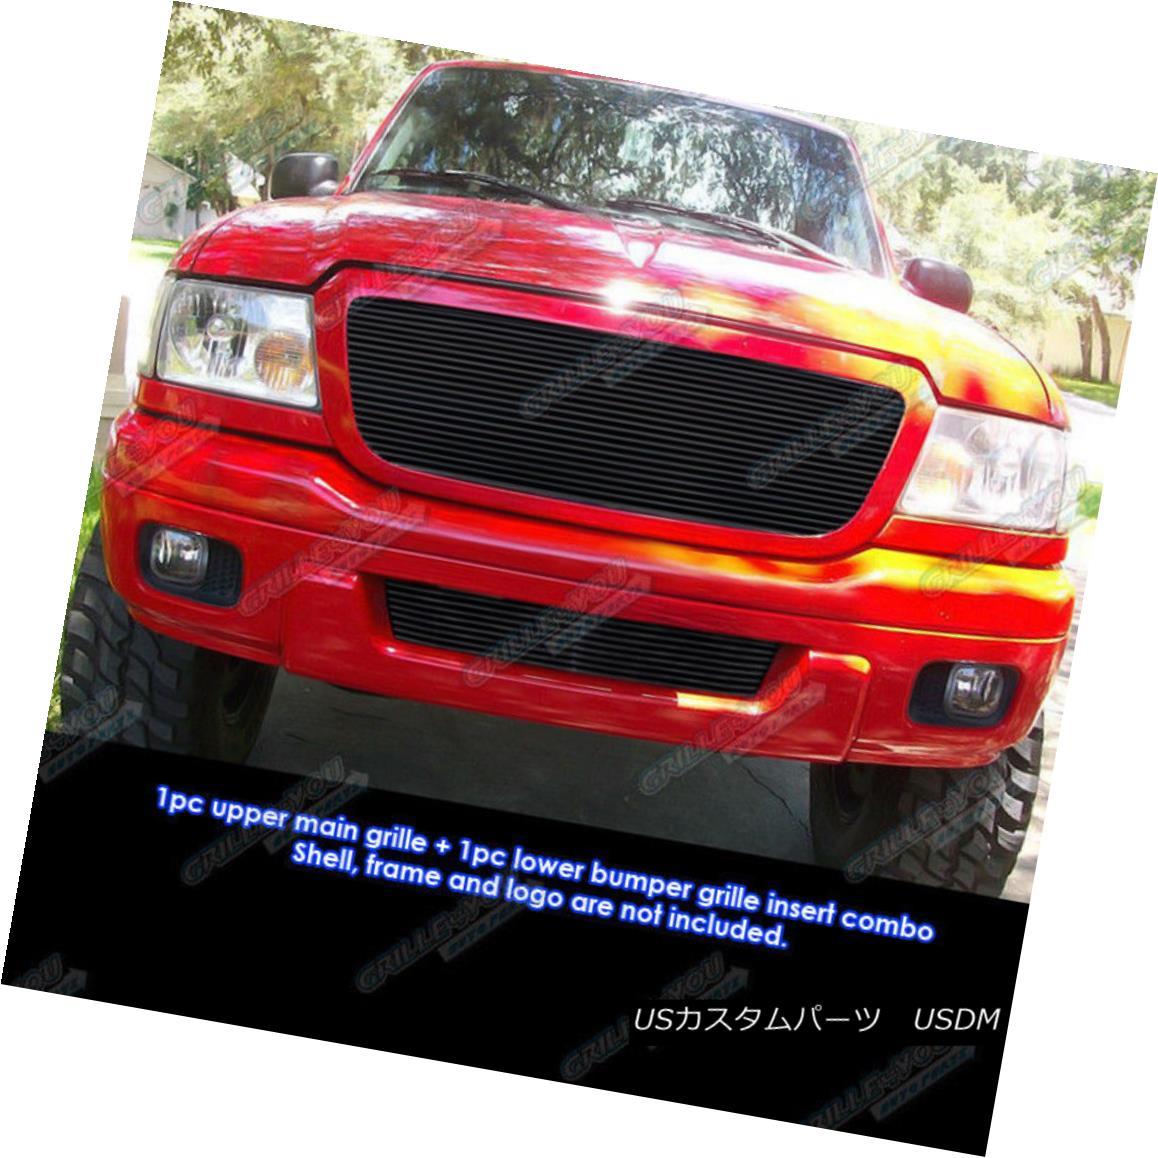 グリル Custom Fits 04-05 Ford Ranger All Model Black Billet Grill Combo カスタムフィット04-05 Ford Ranger全モデルブラックビレットグリルコンボ